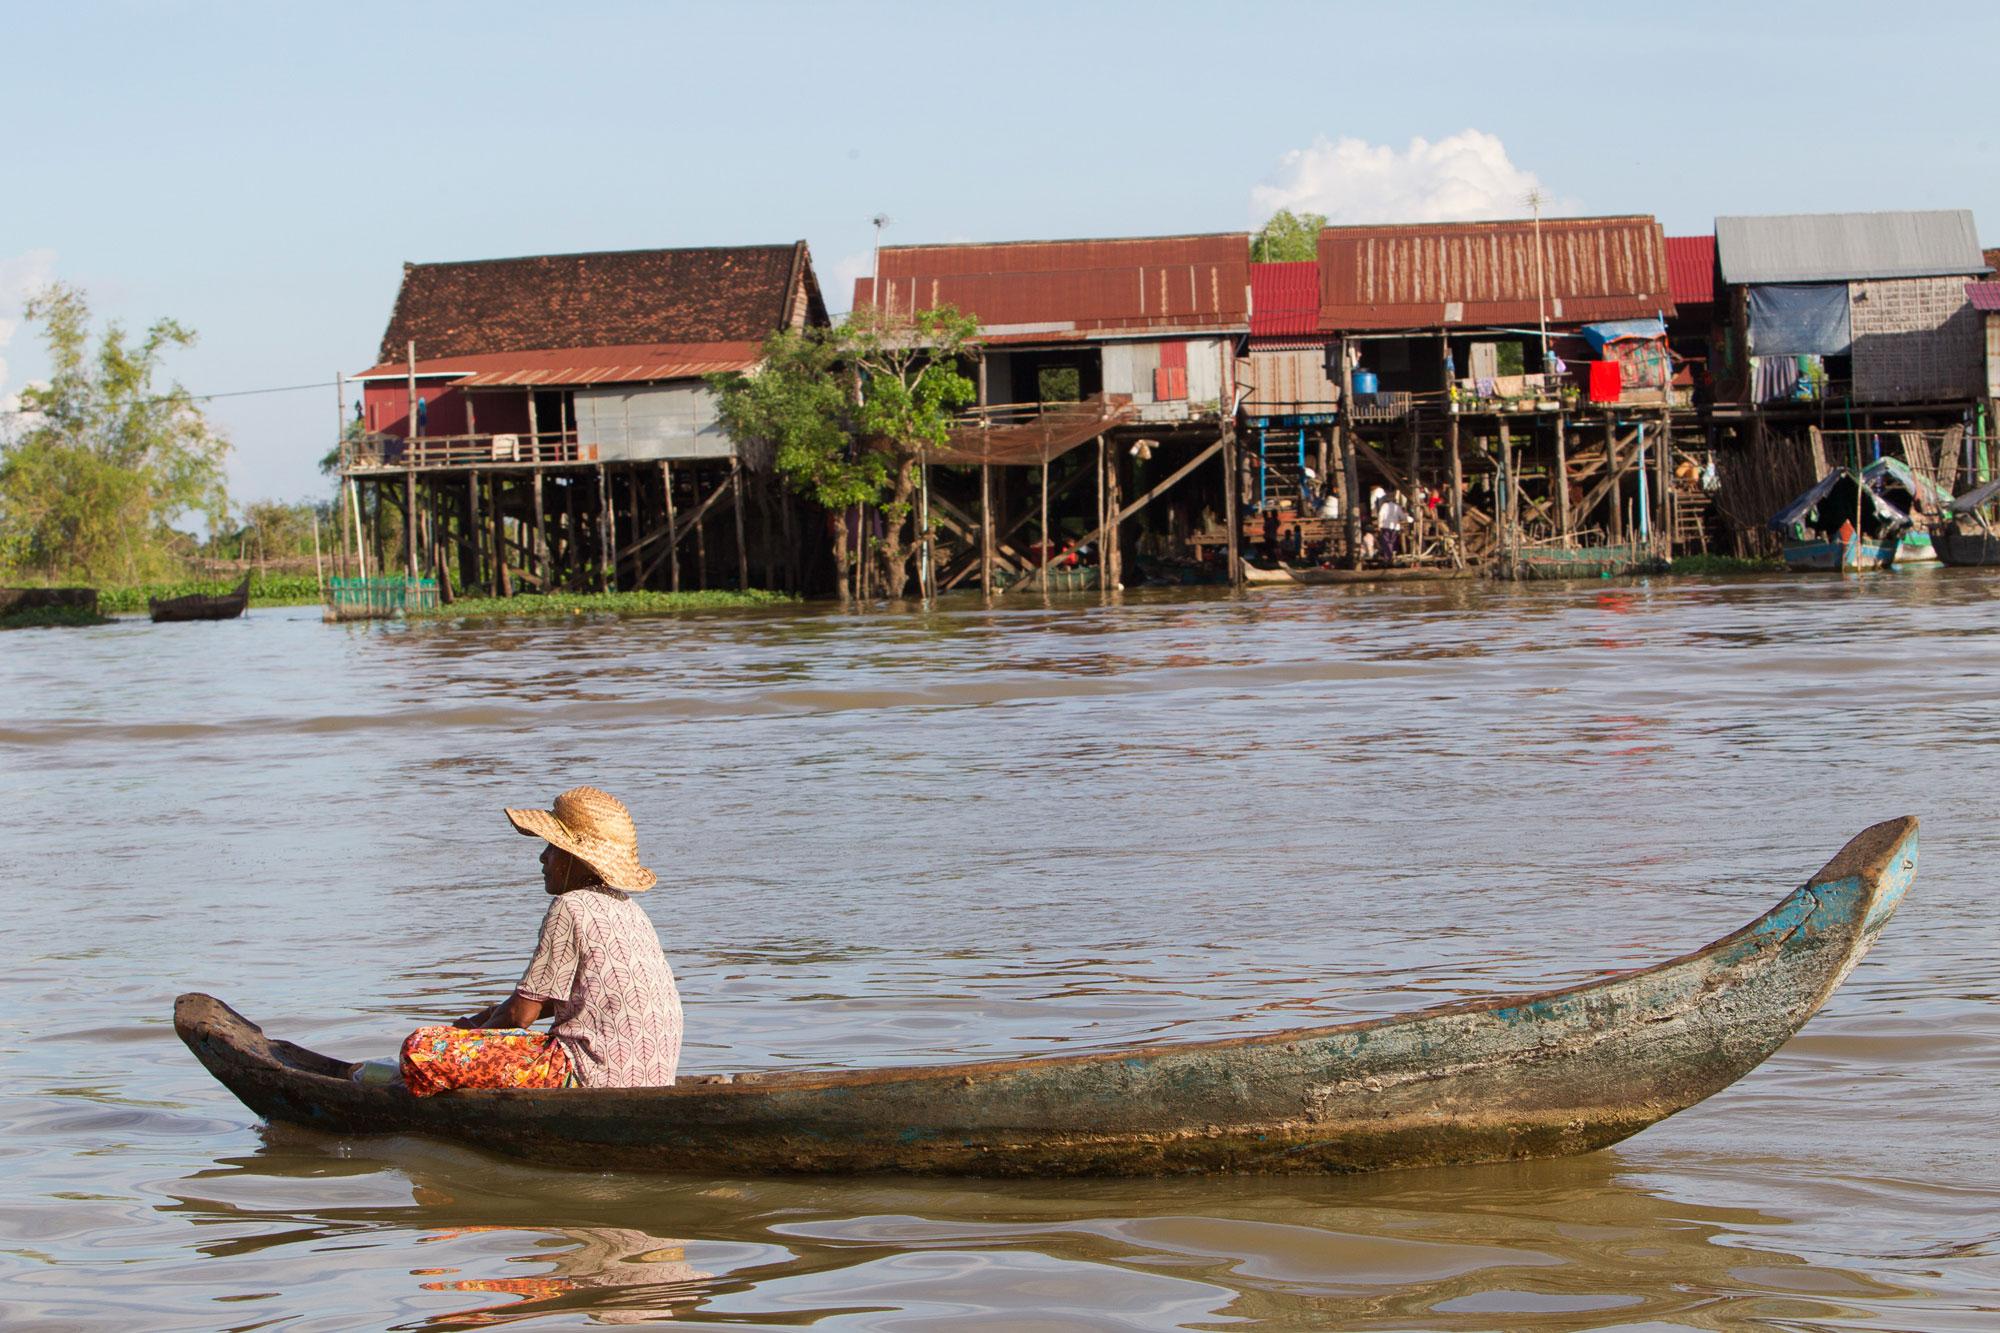 Woman Sitting in Canoe